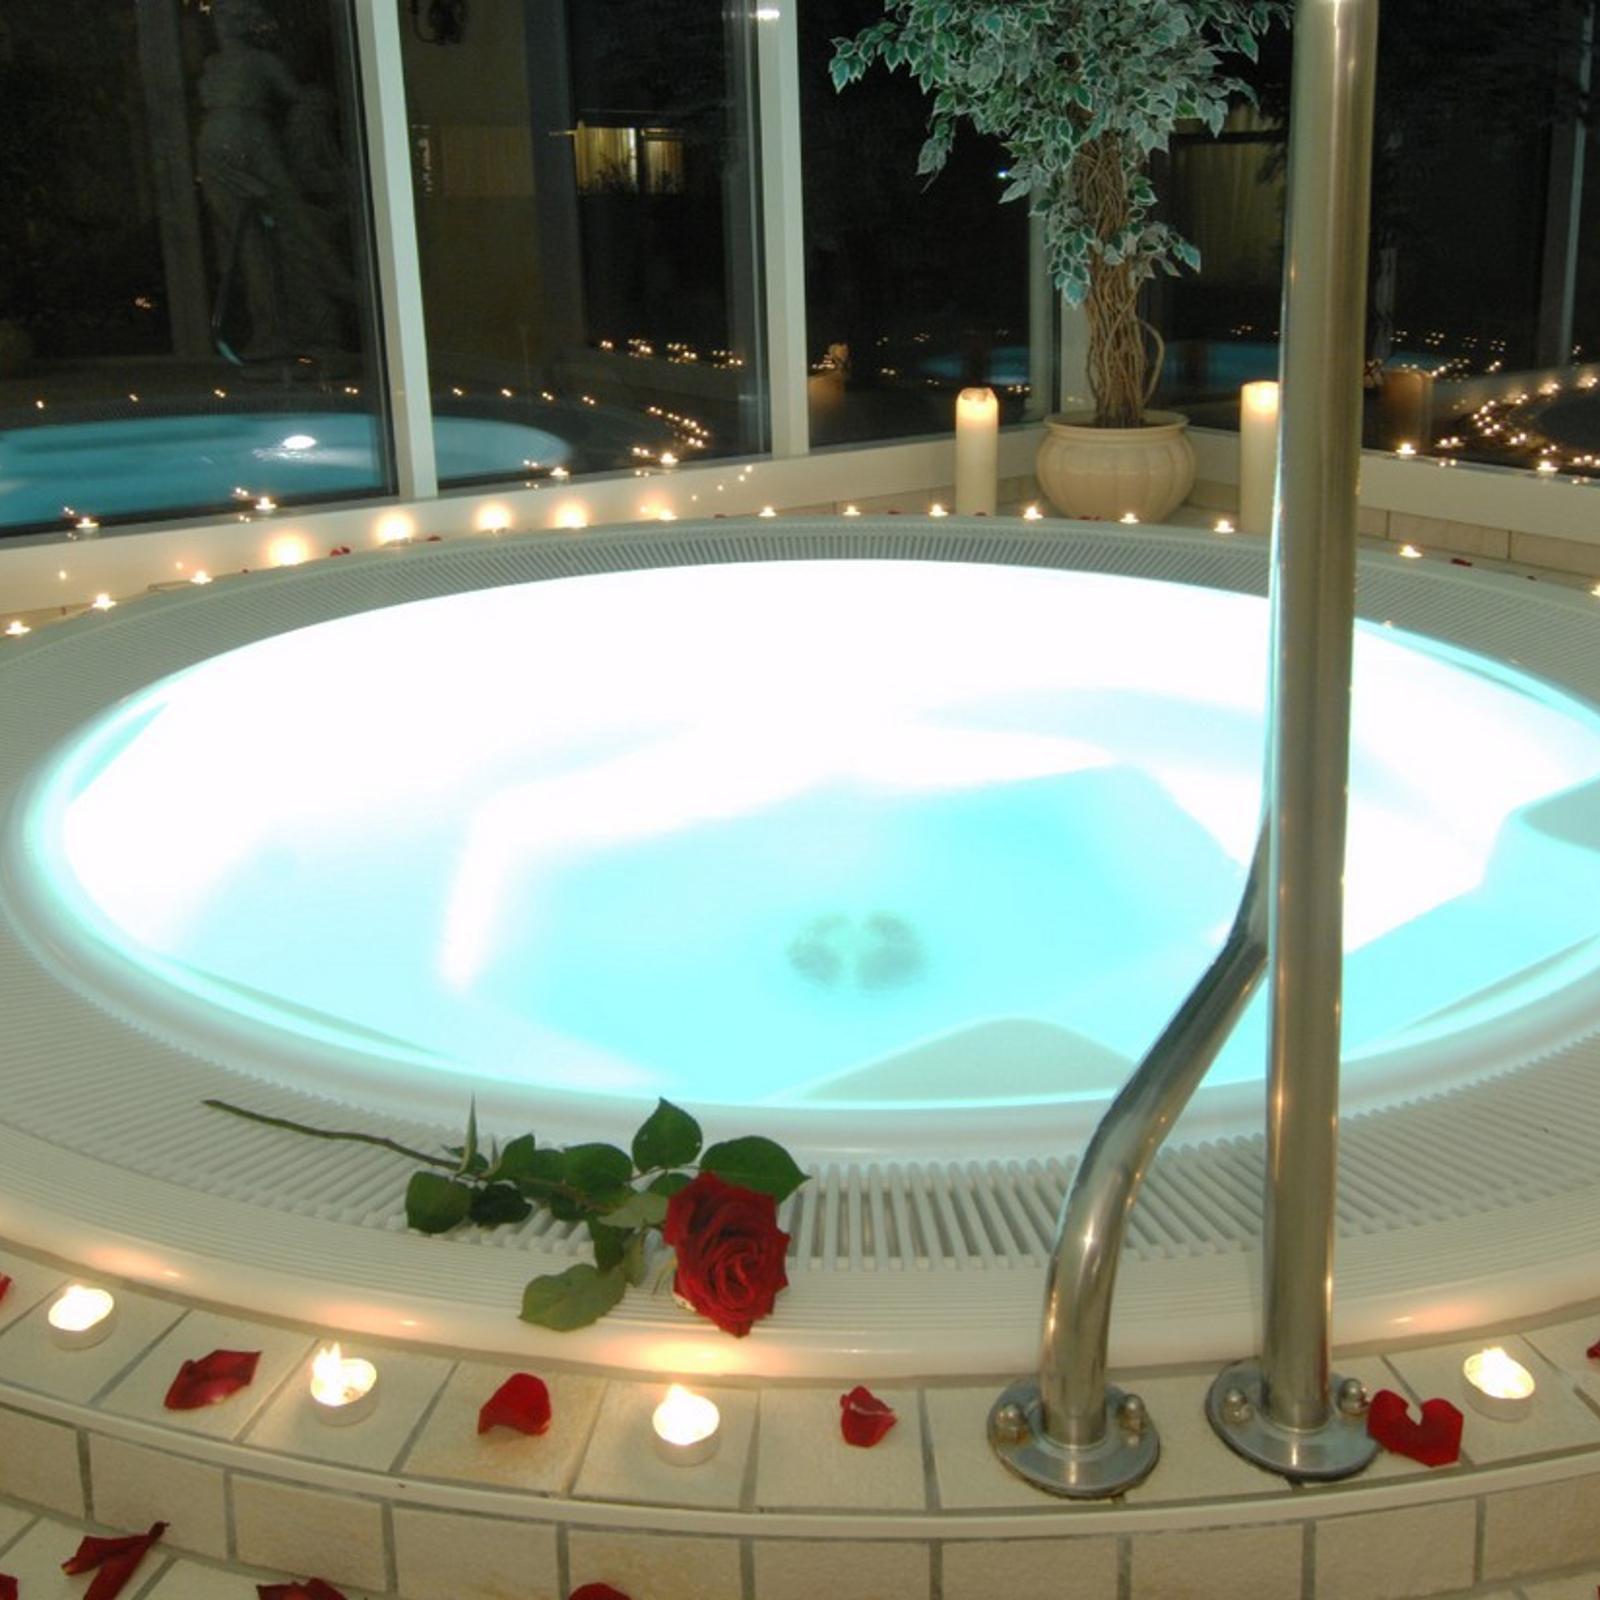 Kurzreise Bad Füssing Bayern Wellness 3 Tage im 4 Sterne Hotel für 2 Personen